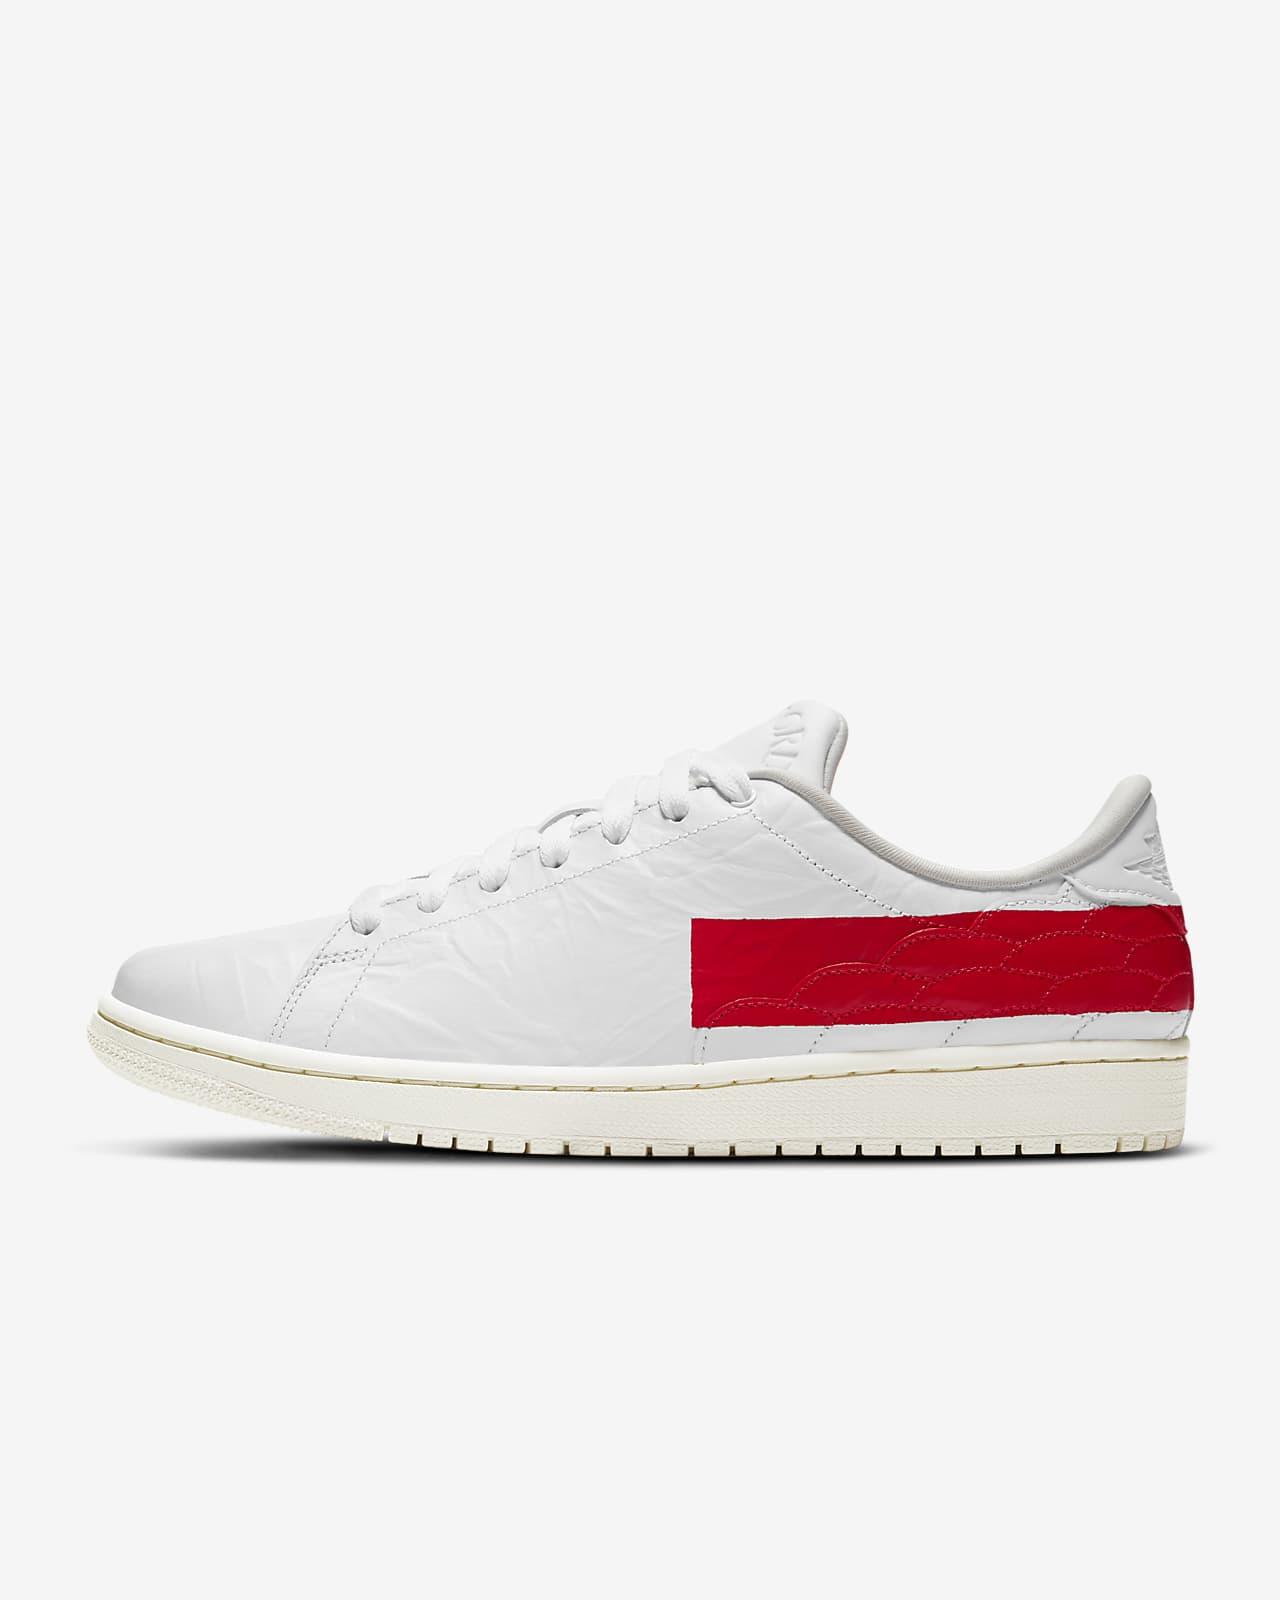 Air Jordan 1 Centre Court Shoe